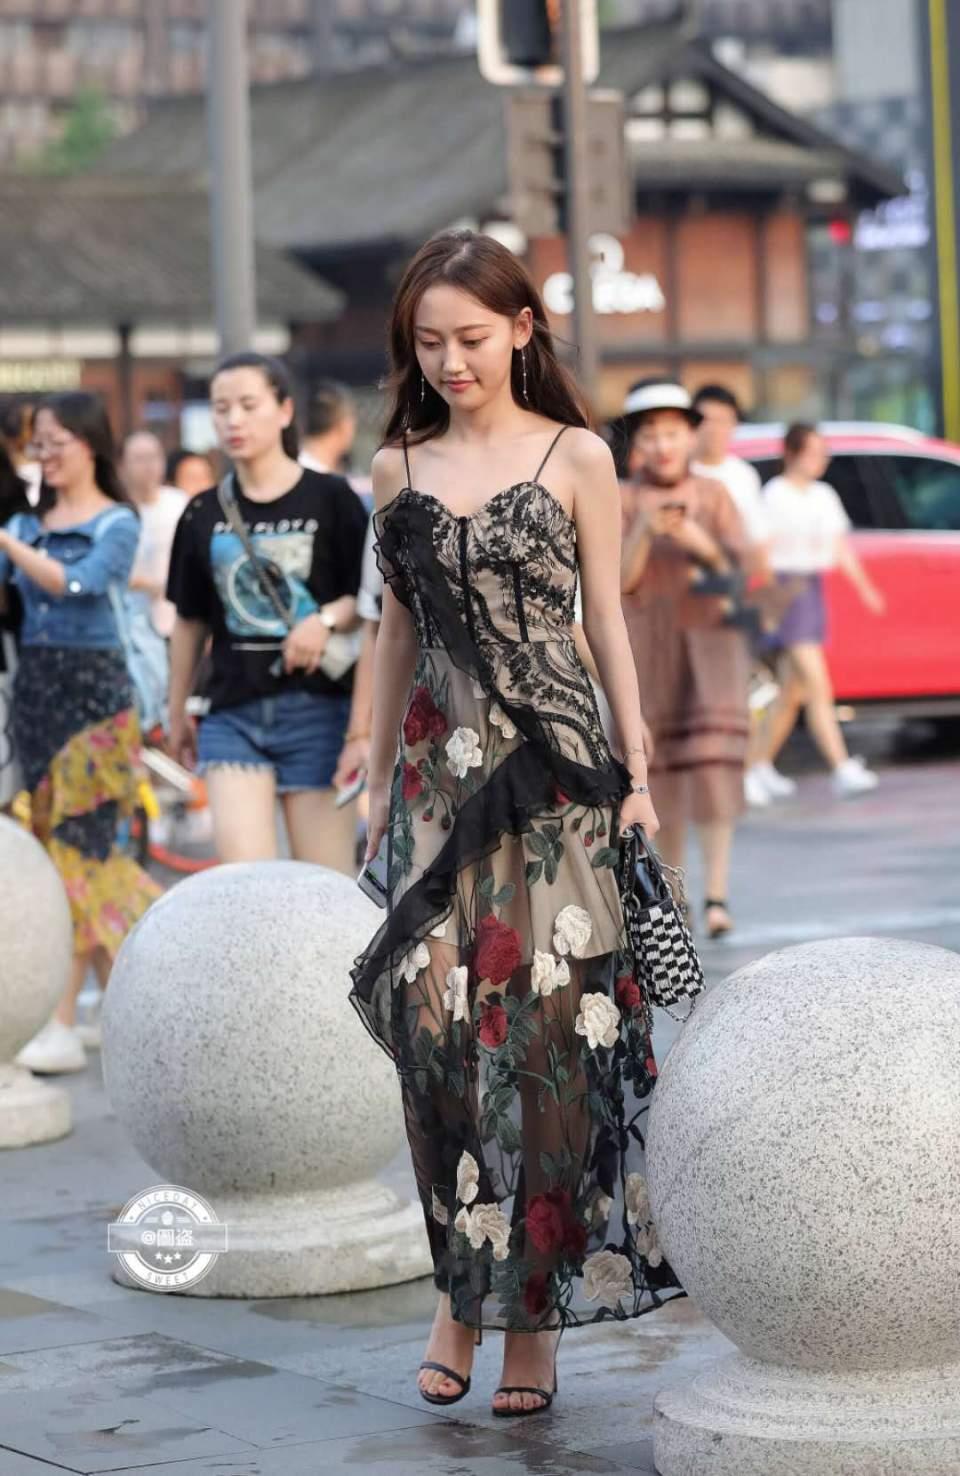 街拍:小姐姐穿黑色蕾丝裙出街,透露出来的小性感让你无从招架!